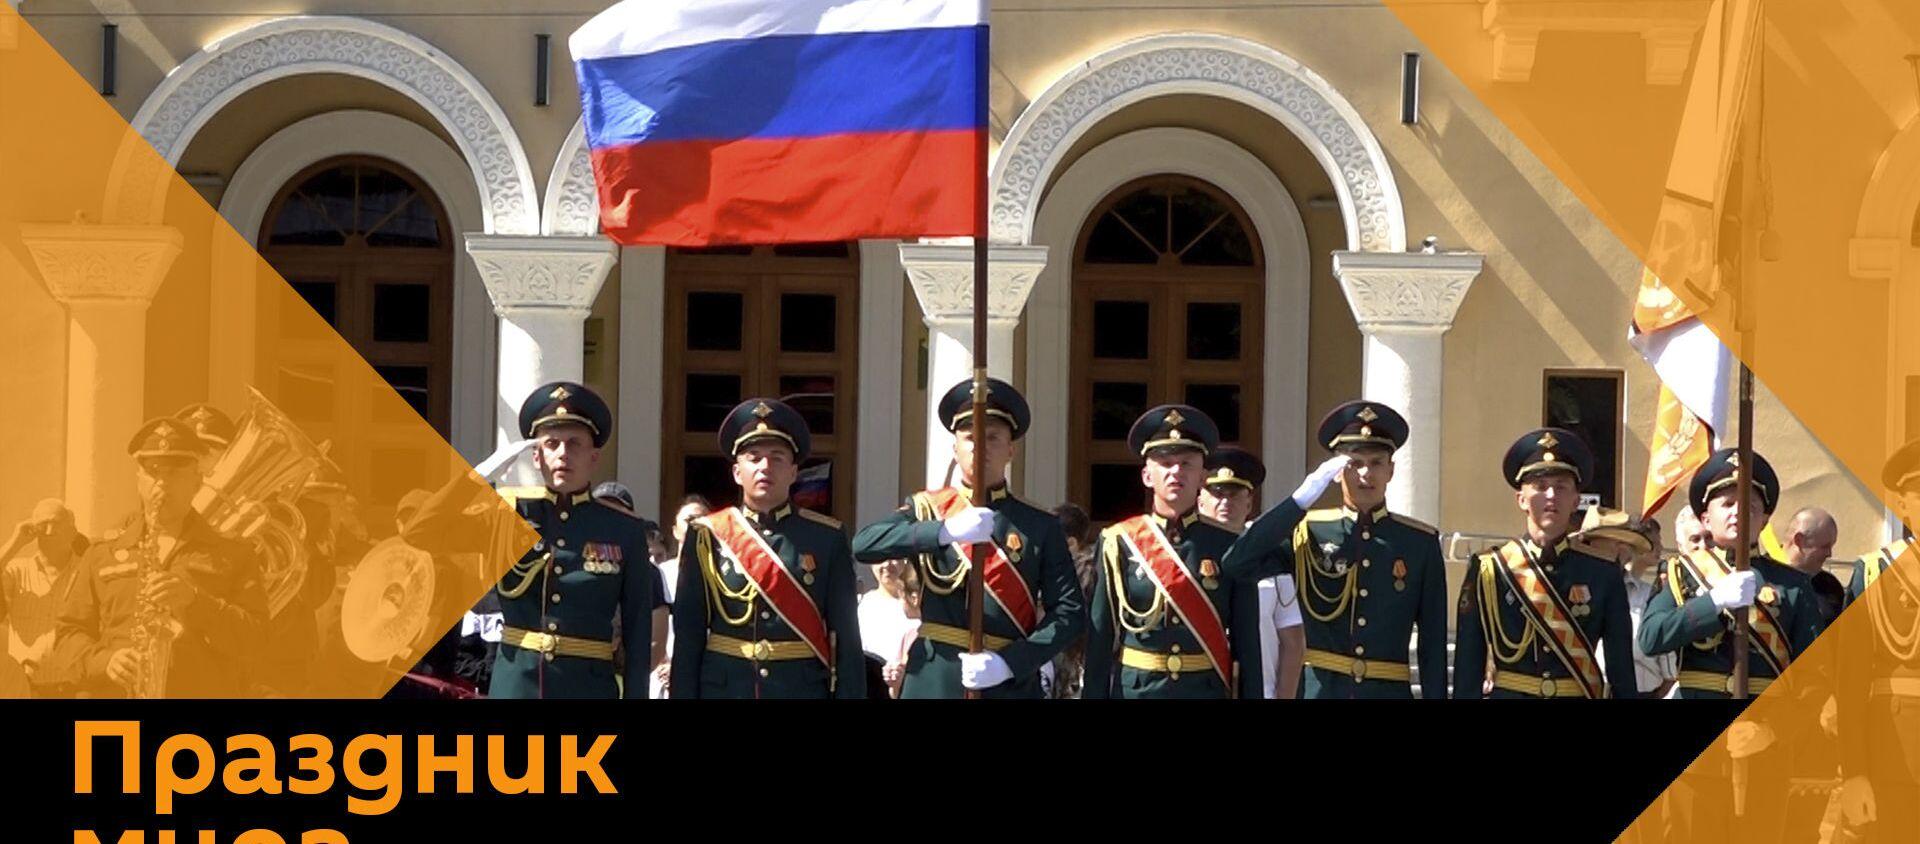 Праздник мира и свободы. Как в Южной Осетии прошел парад в честь Дня республики – видео - Sputnik Южная Осетия, 1920, 20.09.2021